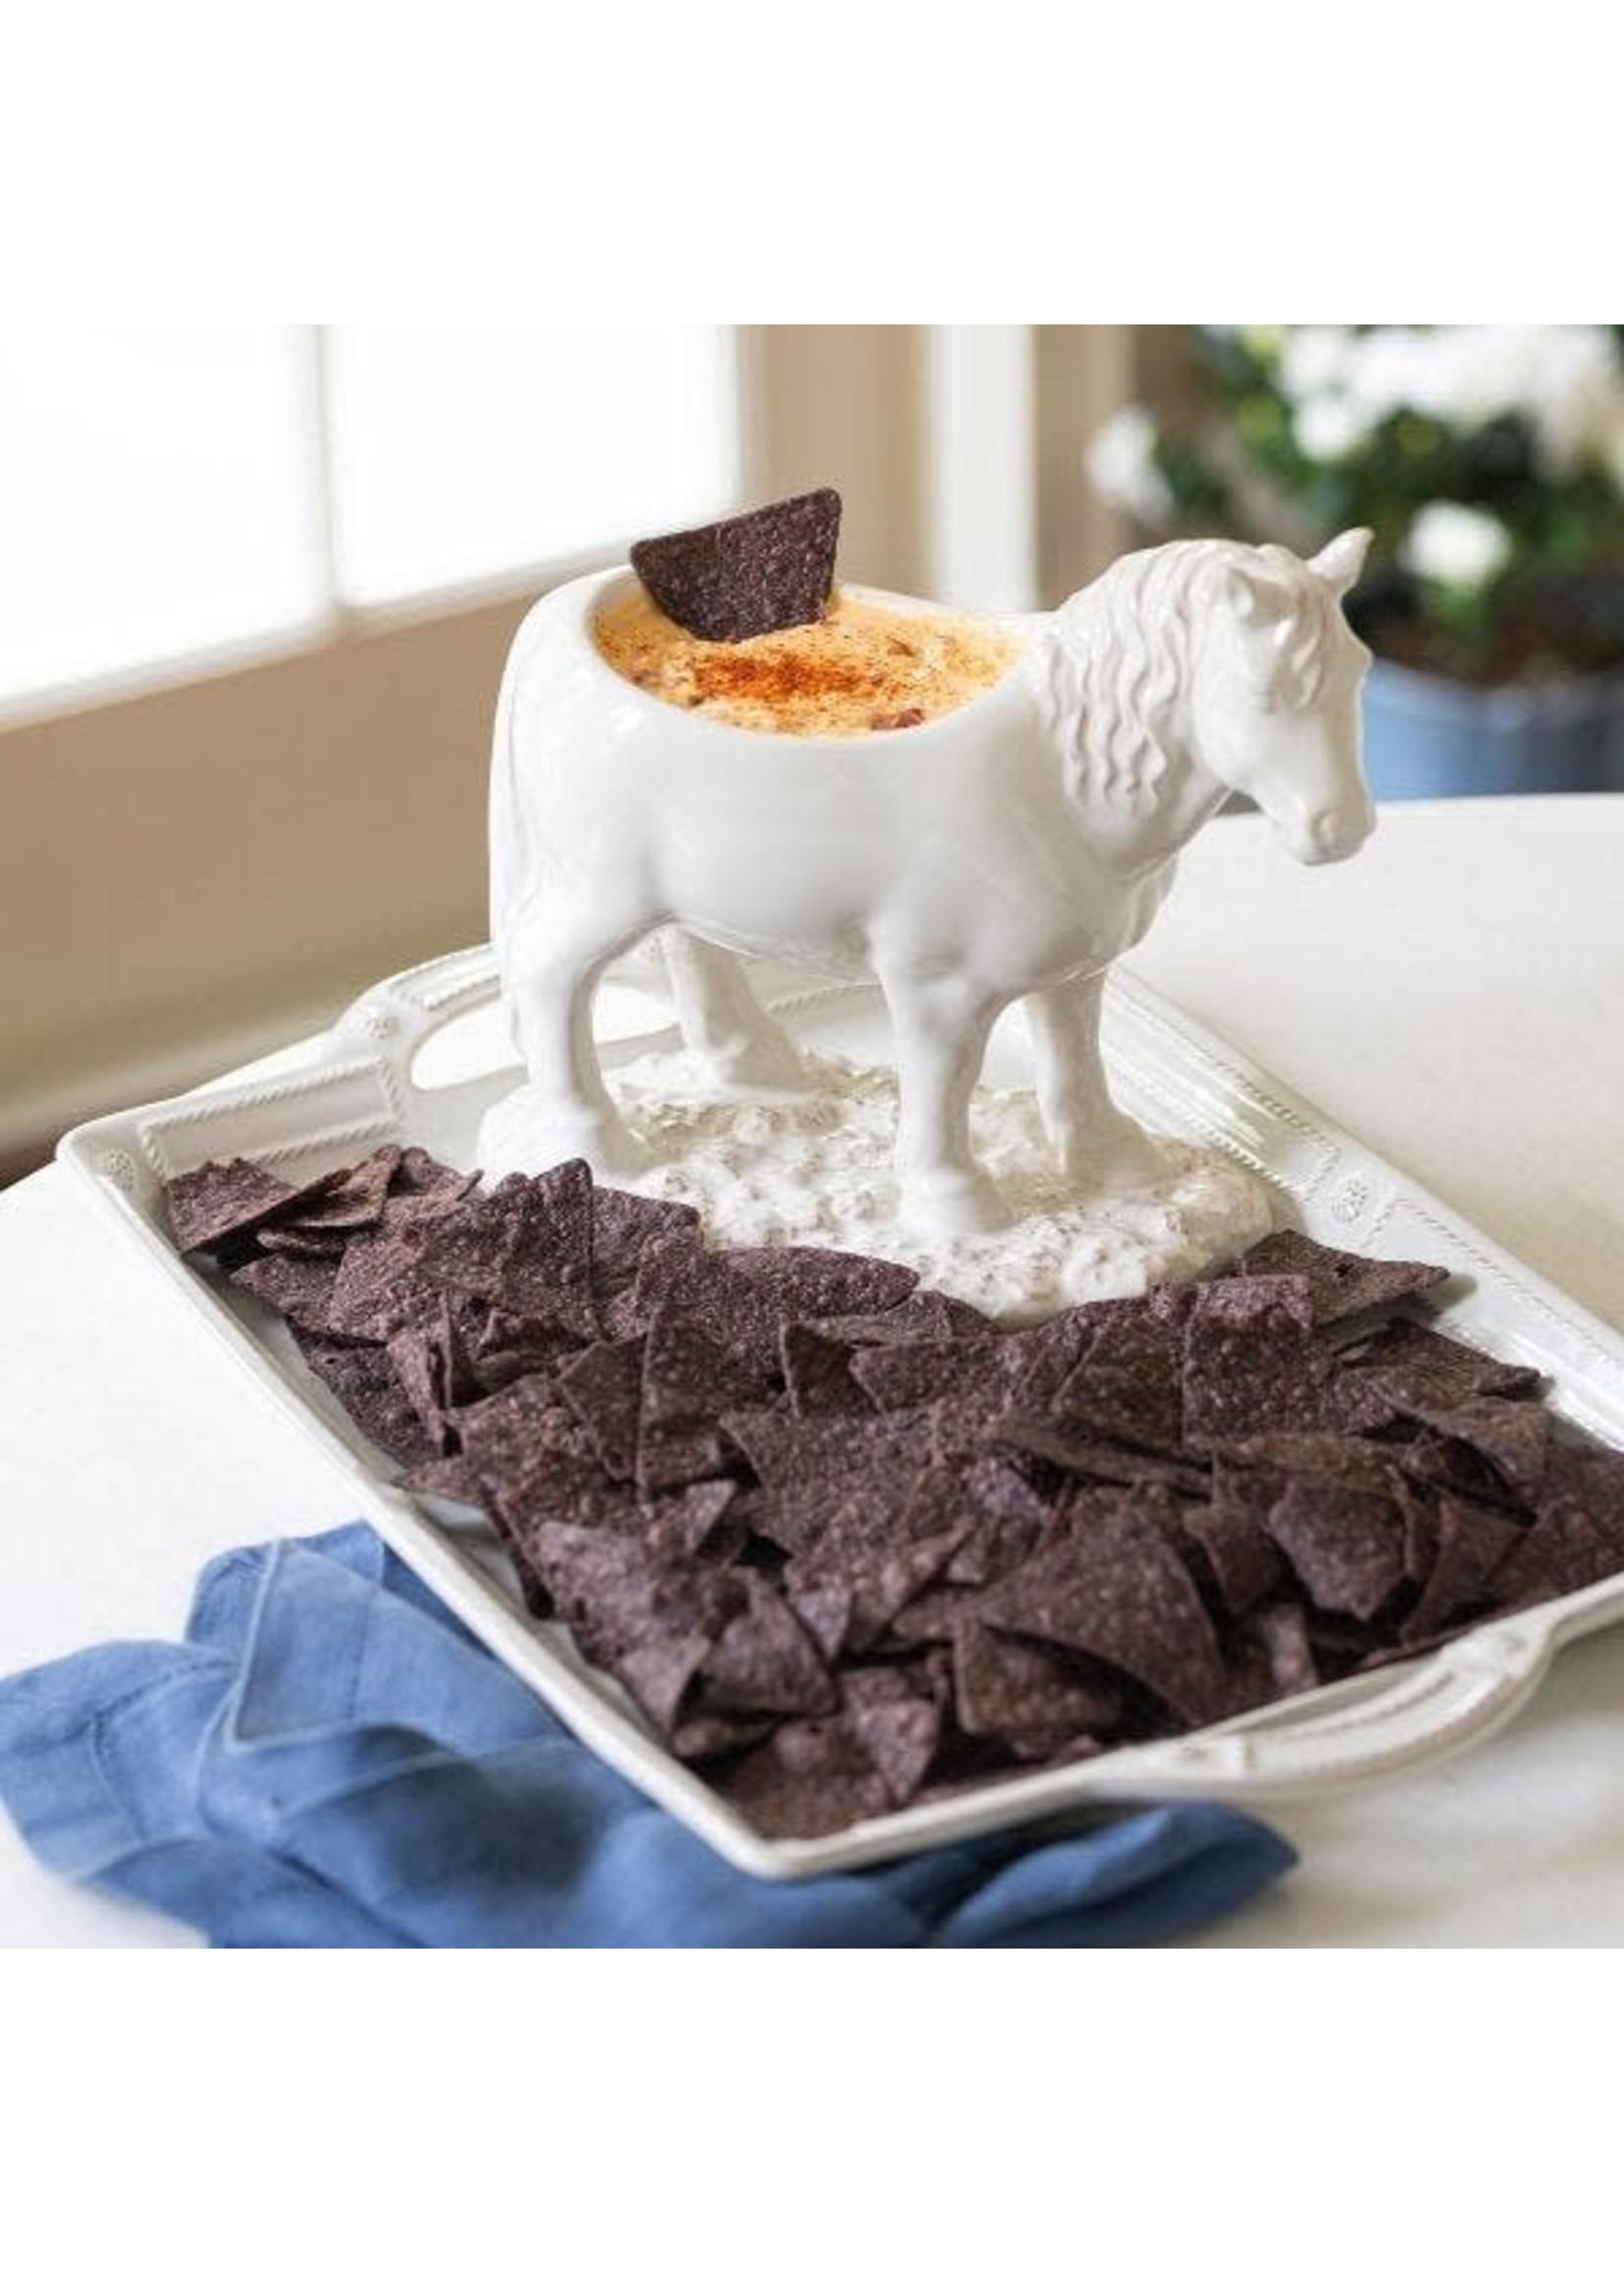 Juliska Serving Bowl - Claude the Horse